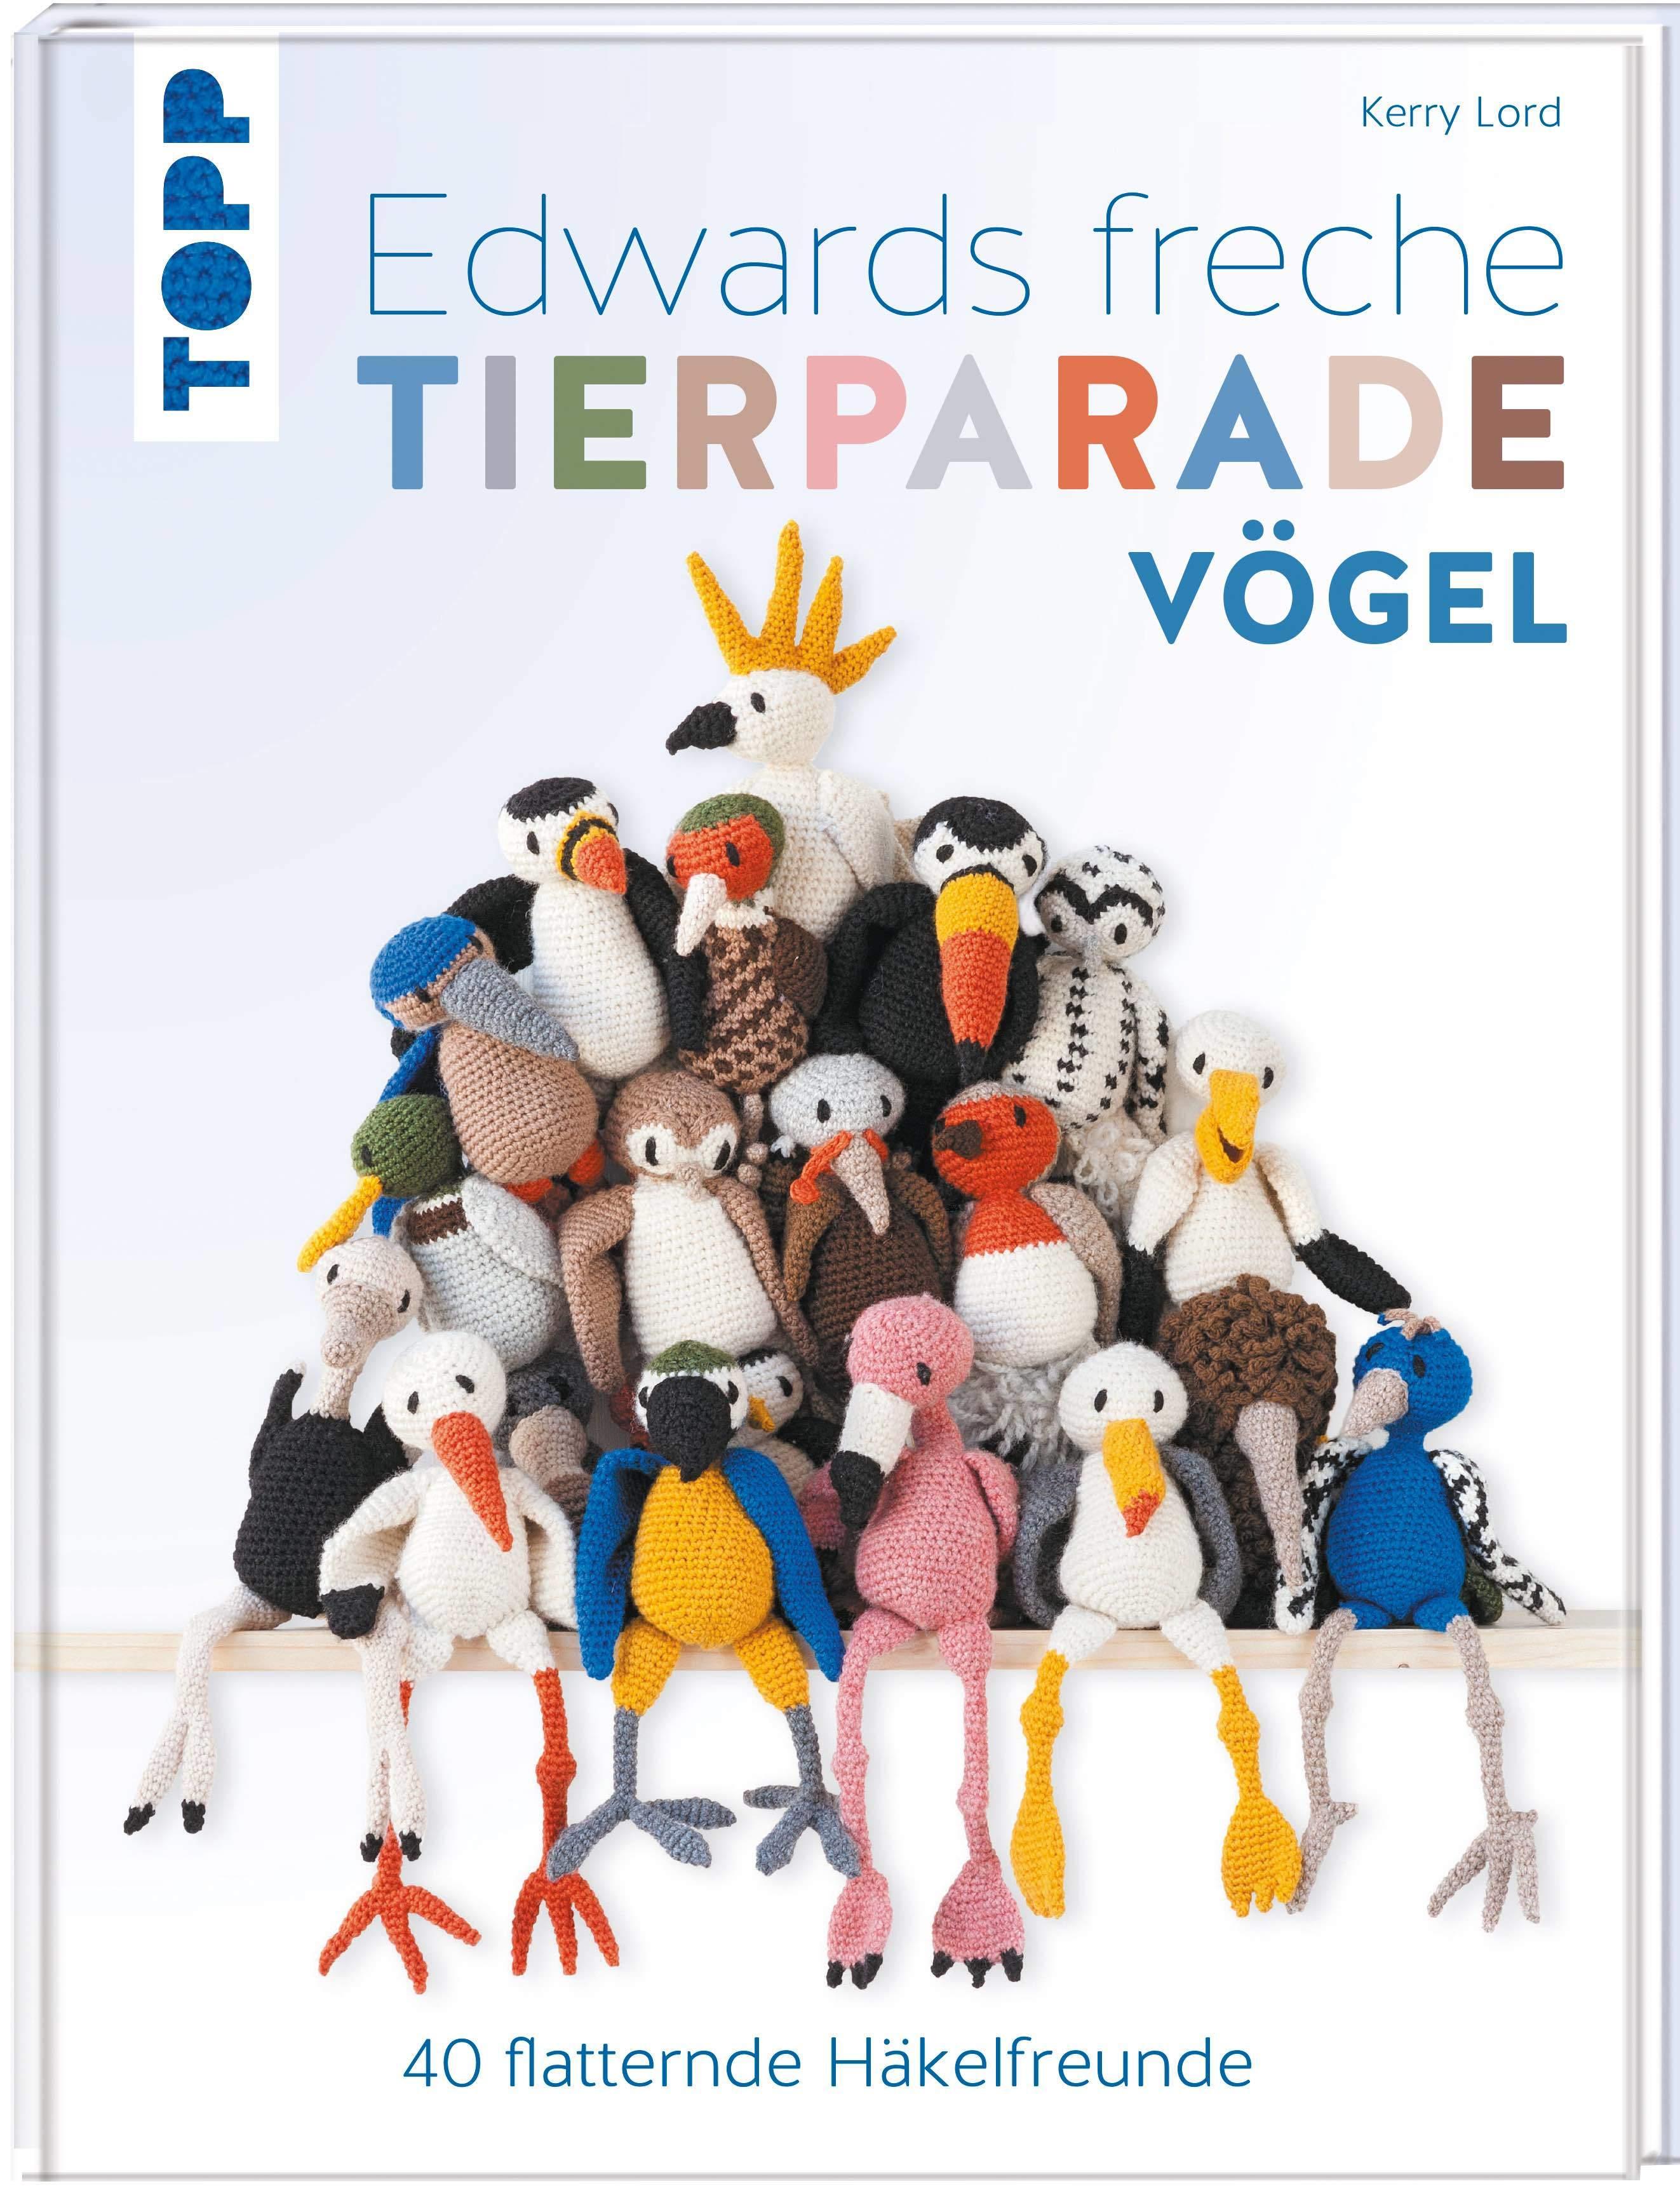 BI_160407_cover_edwards_freche_tierparade_voegel